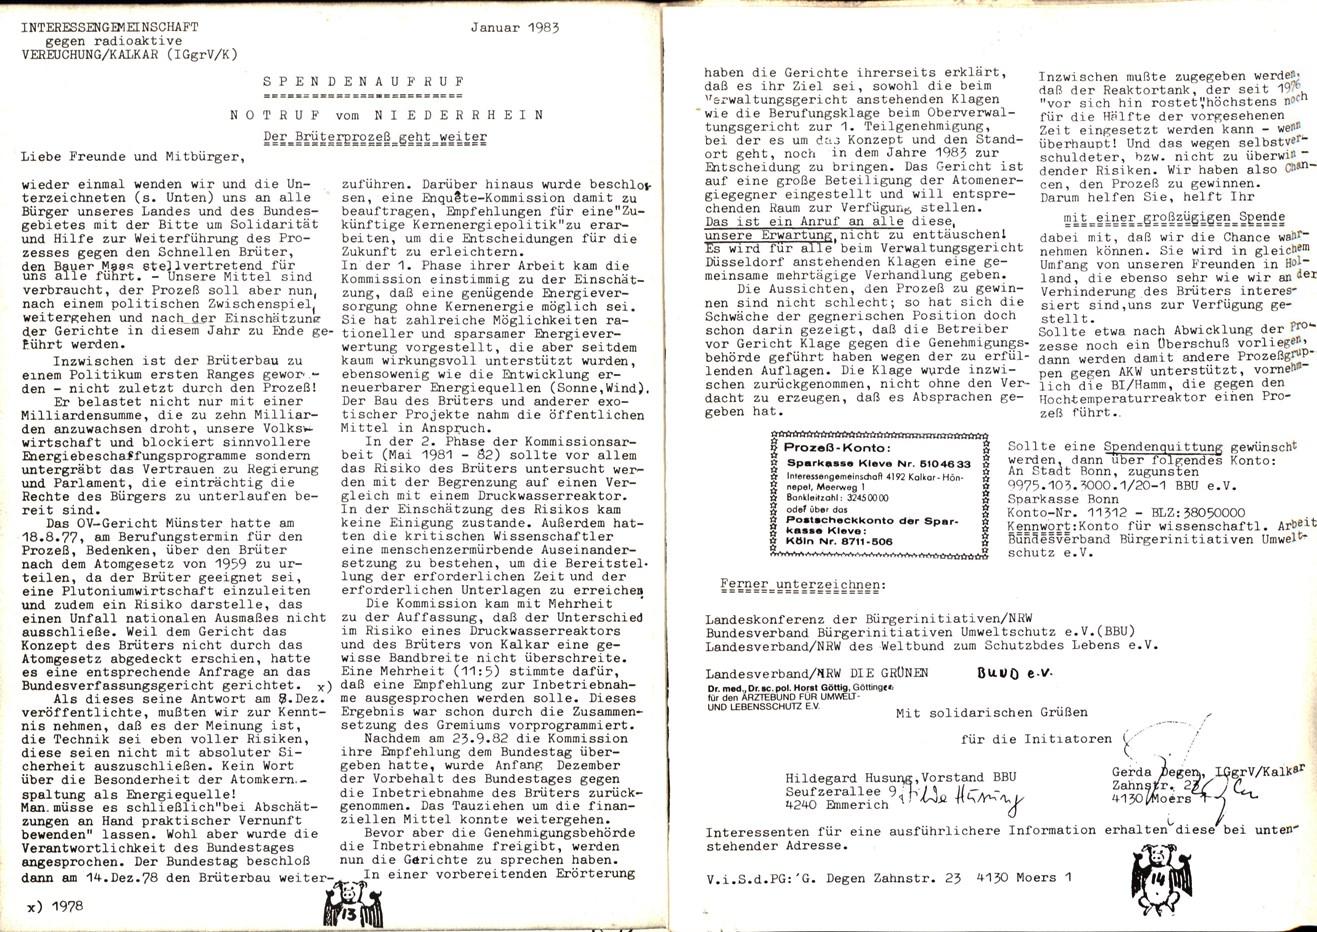 NRW_AKW_LKNRW_19830120_41_09